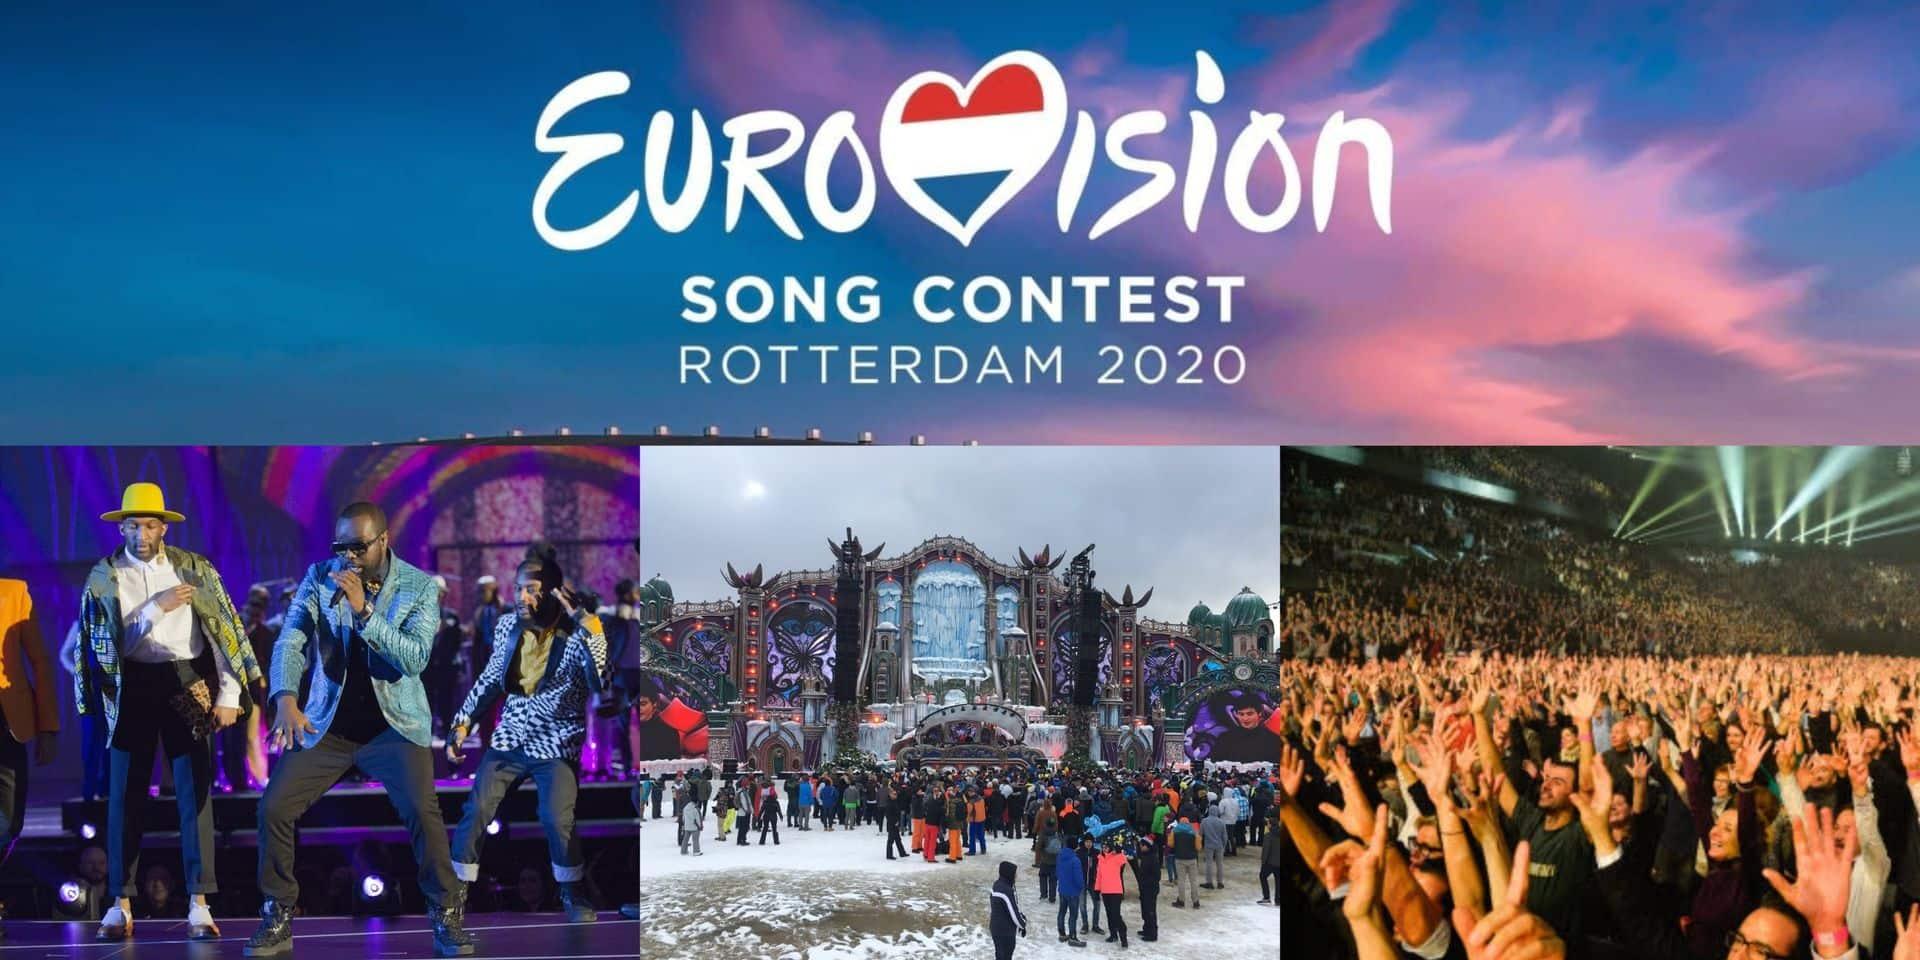 Concerts annulés, spectacles reportés, Eurovision menacé: le coronavirus frappe durement les milieux culturels